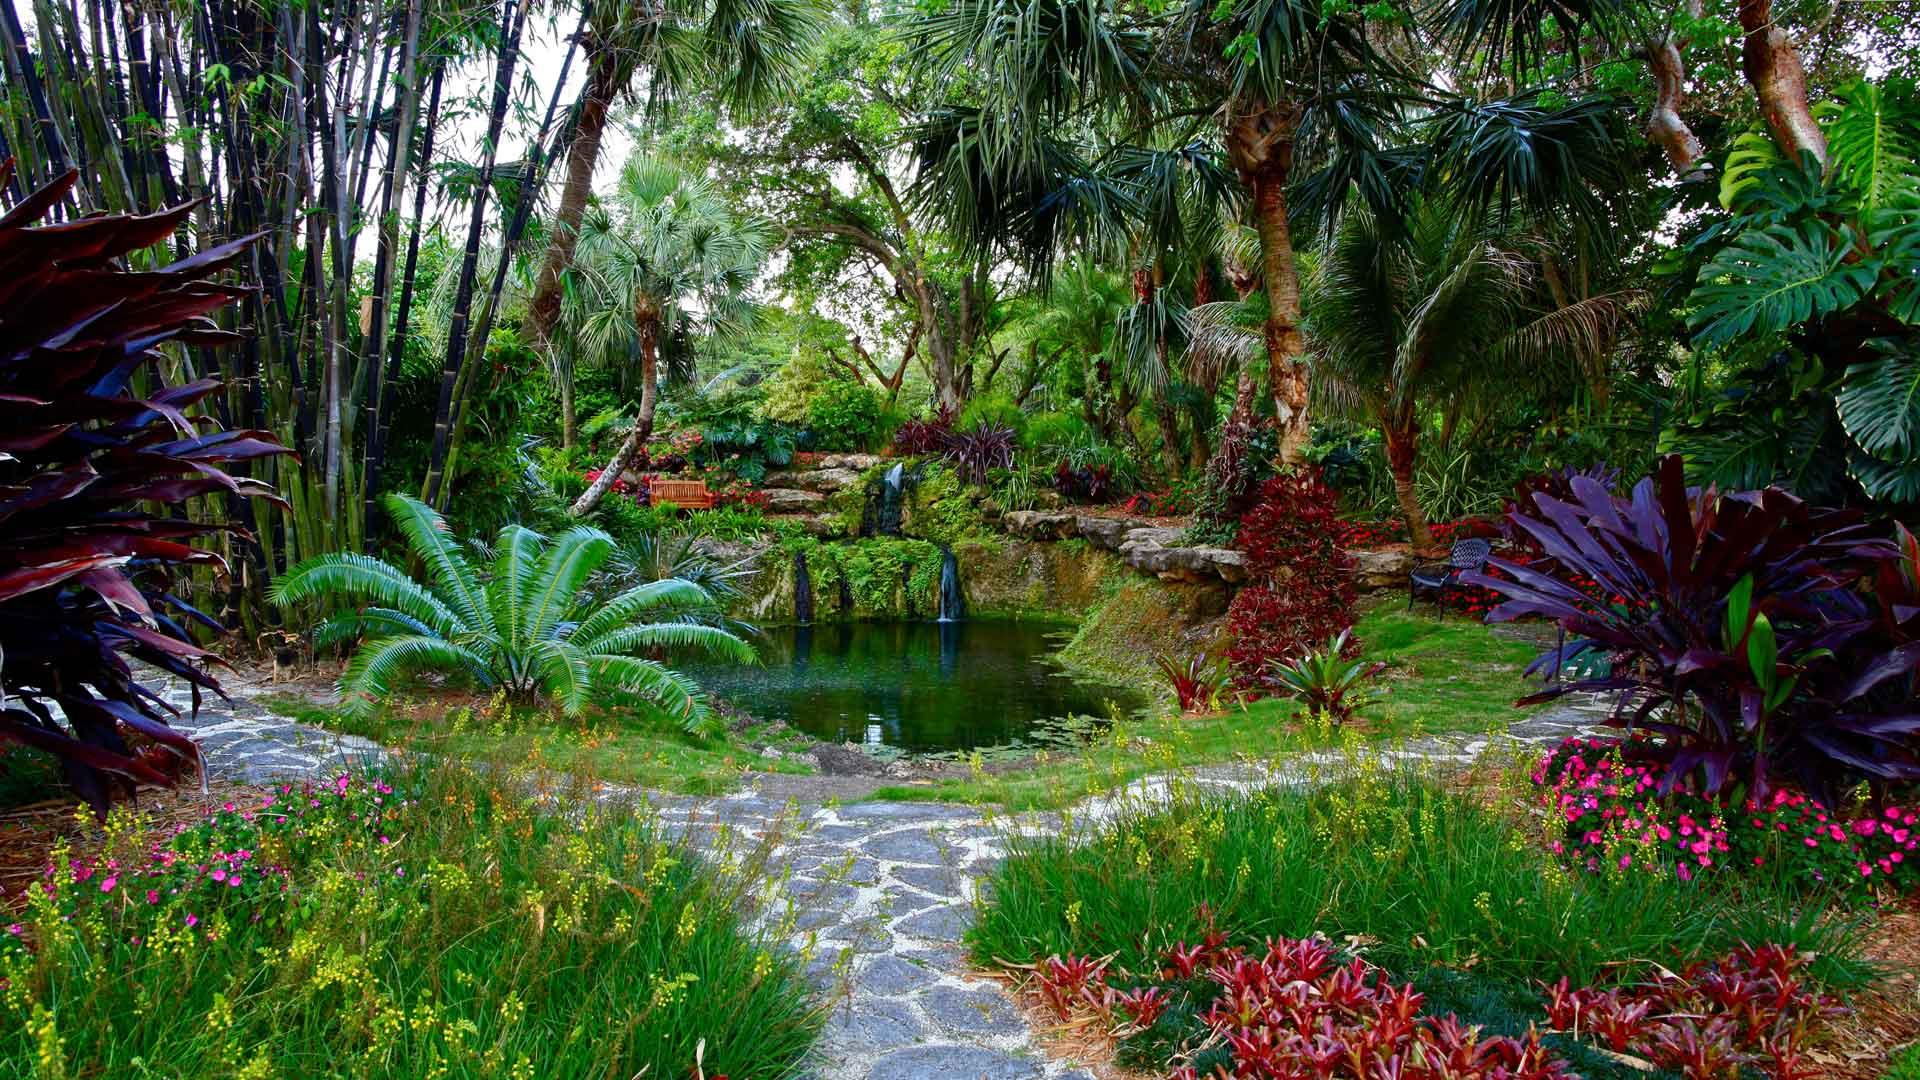 Premier Horticulture Landscape Design, Landscaping and Garden Design slide 2